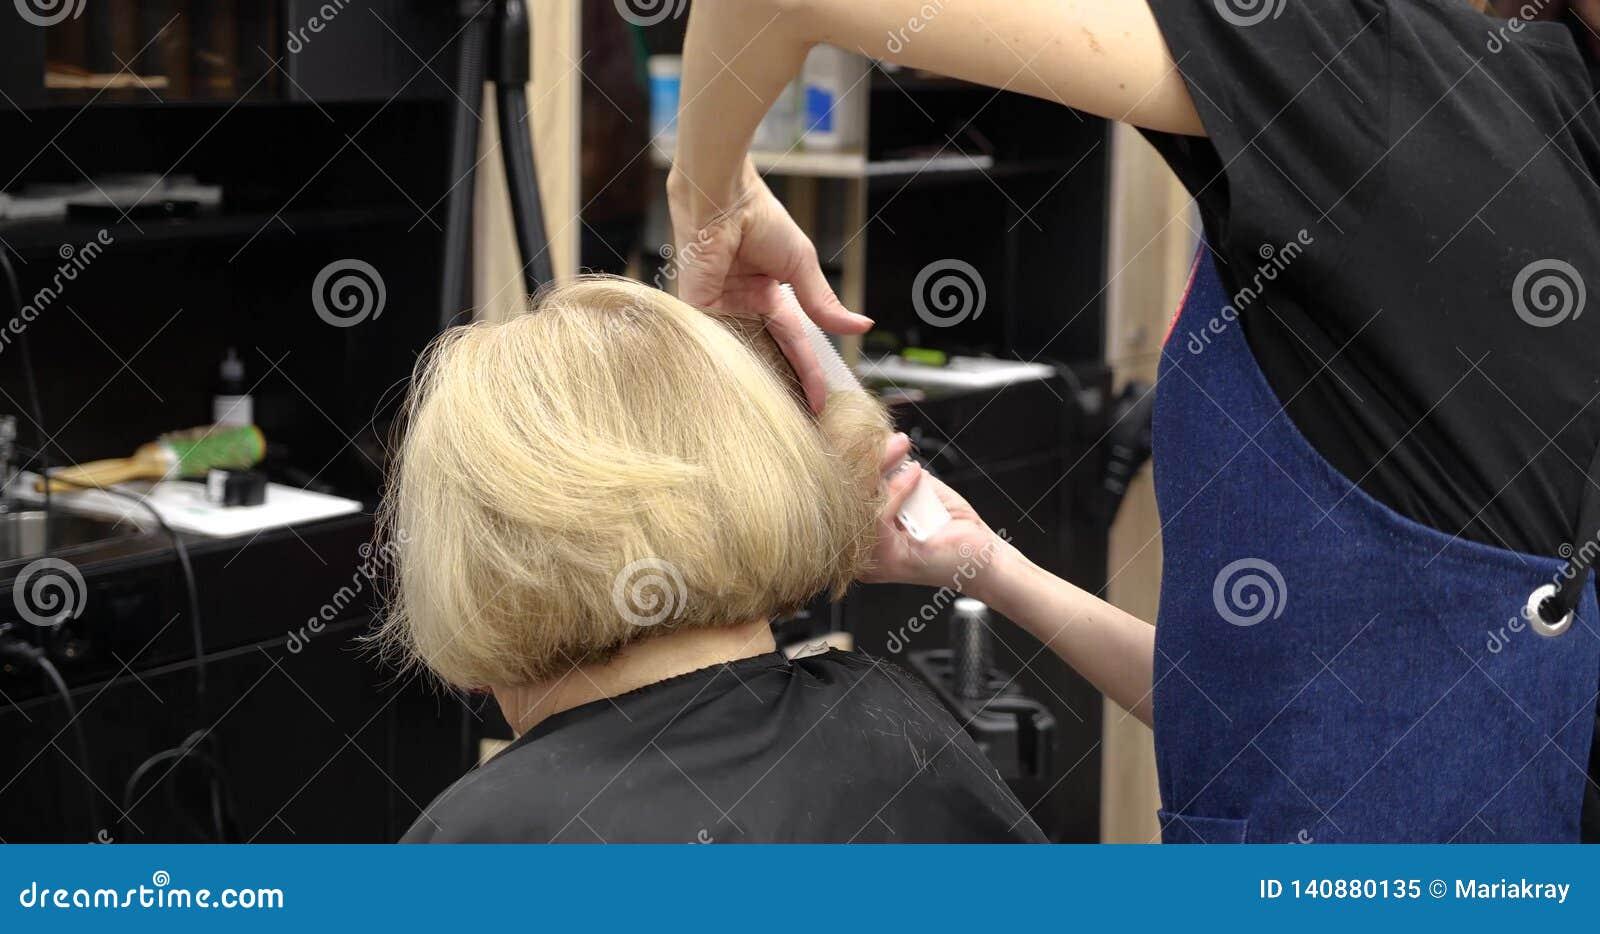 Επαγγελματικός κομμωτής, στιλίστας που κτενίζει την τρίχα του θηλυκού πελάτη και την τέμνουσα τρίχα στο επαγγελματικό κομμωτήριο